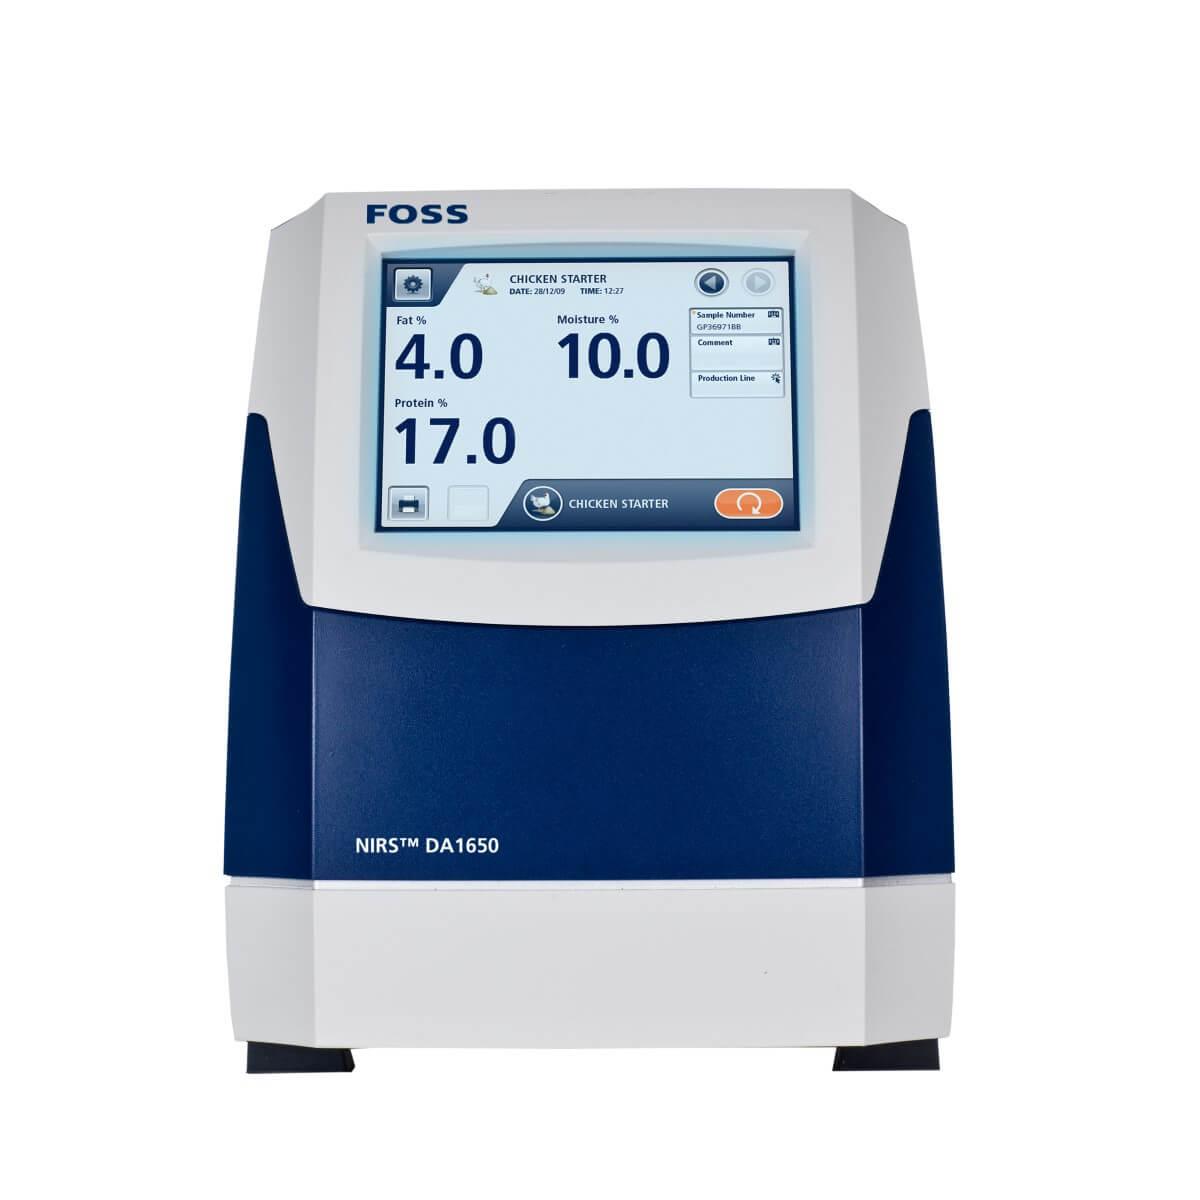 NIRS™ DA1650 Analizador para piensos